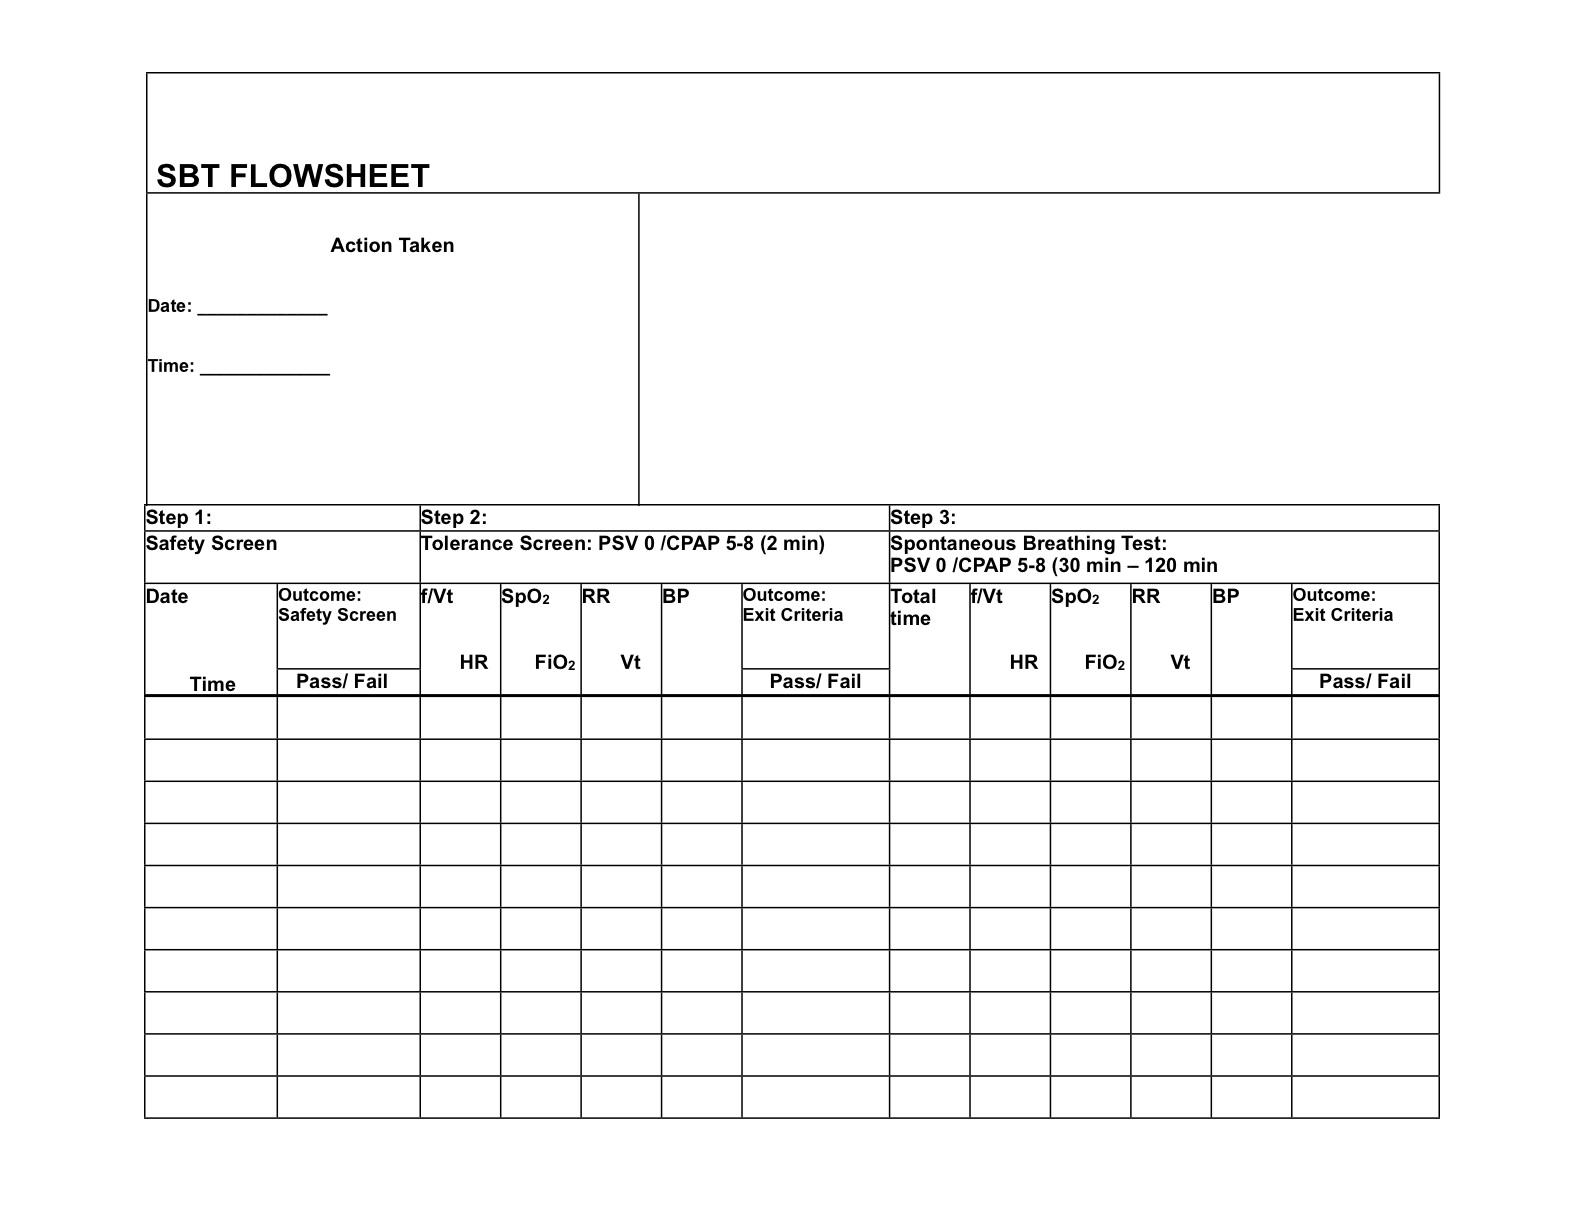 Spontaneous Breathing Trial Worksheet